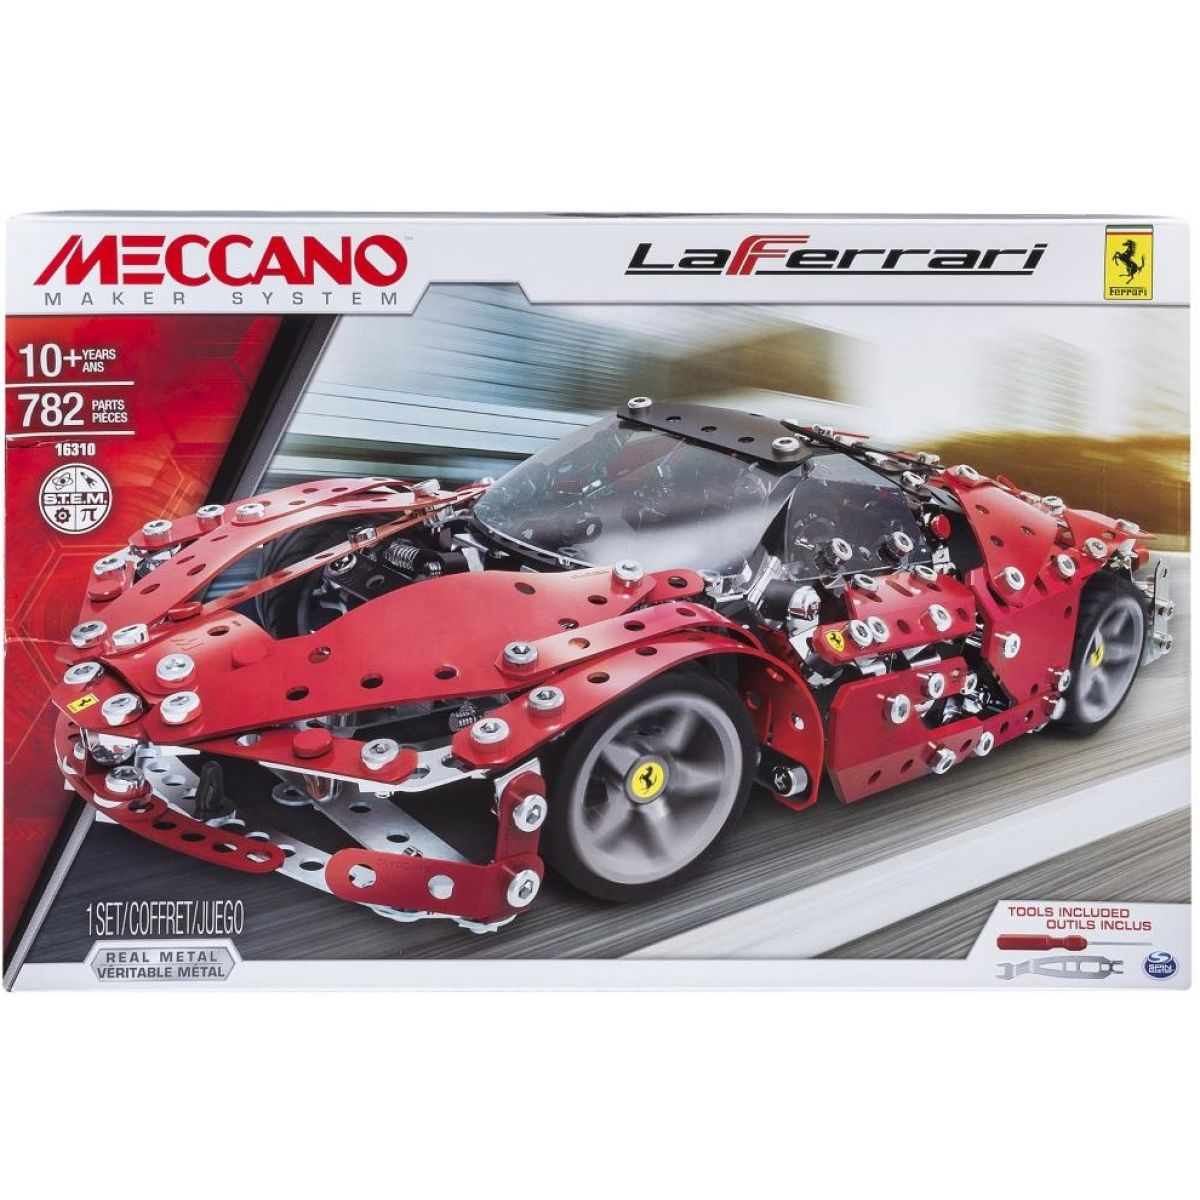 Meccano La Ferrari